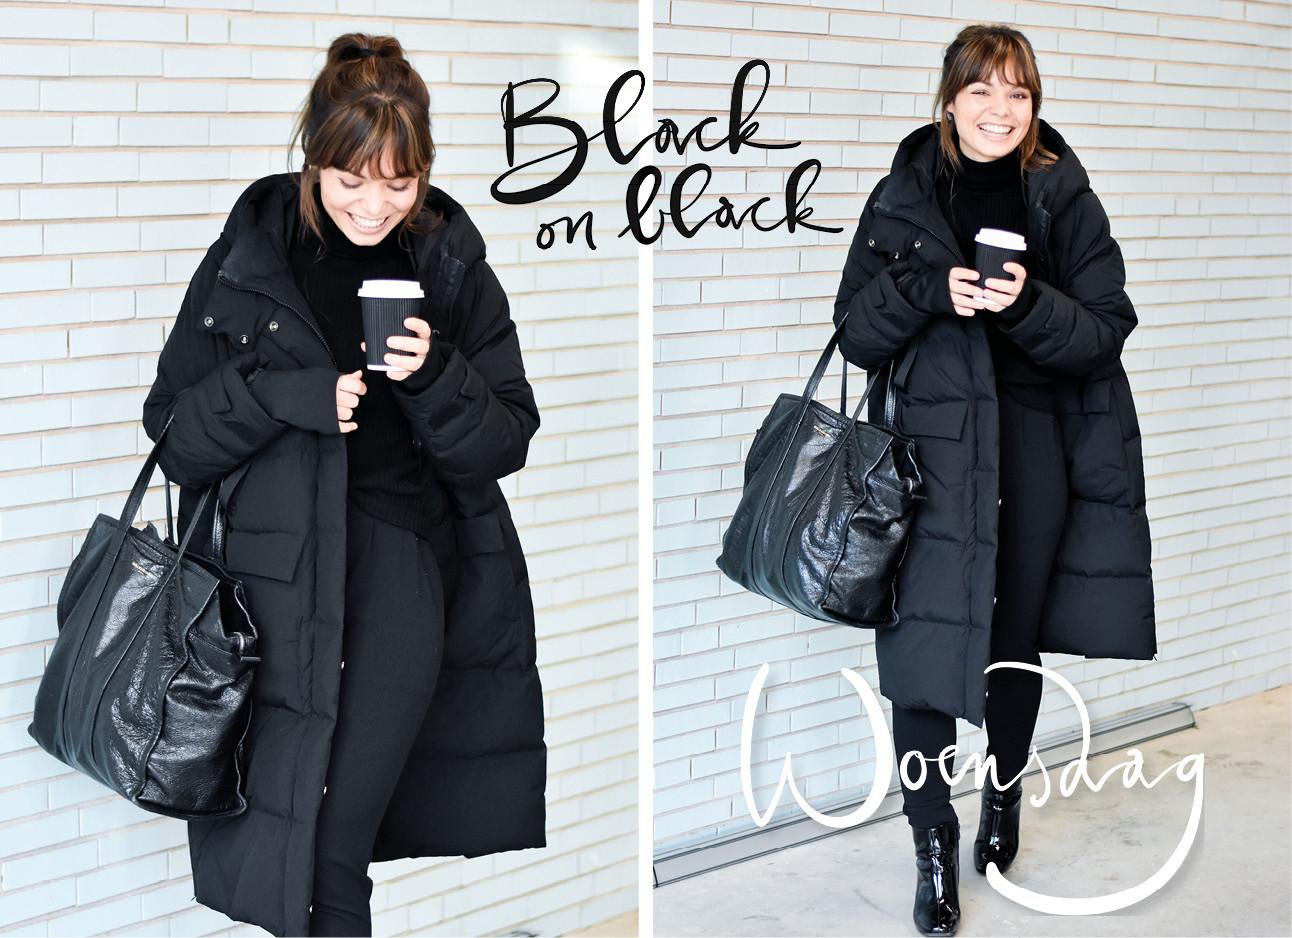 Vrouw lopend op straat zwarte kleren